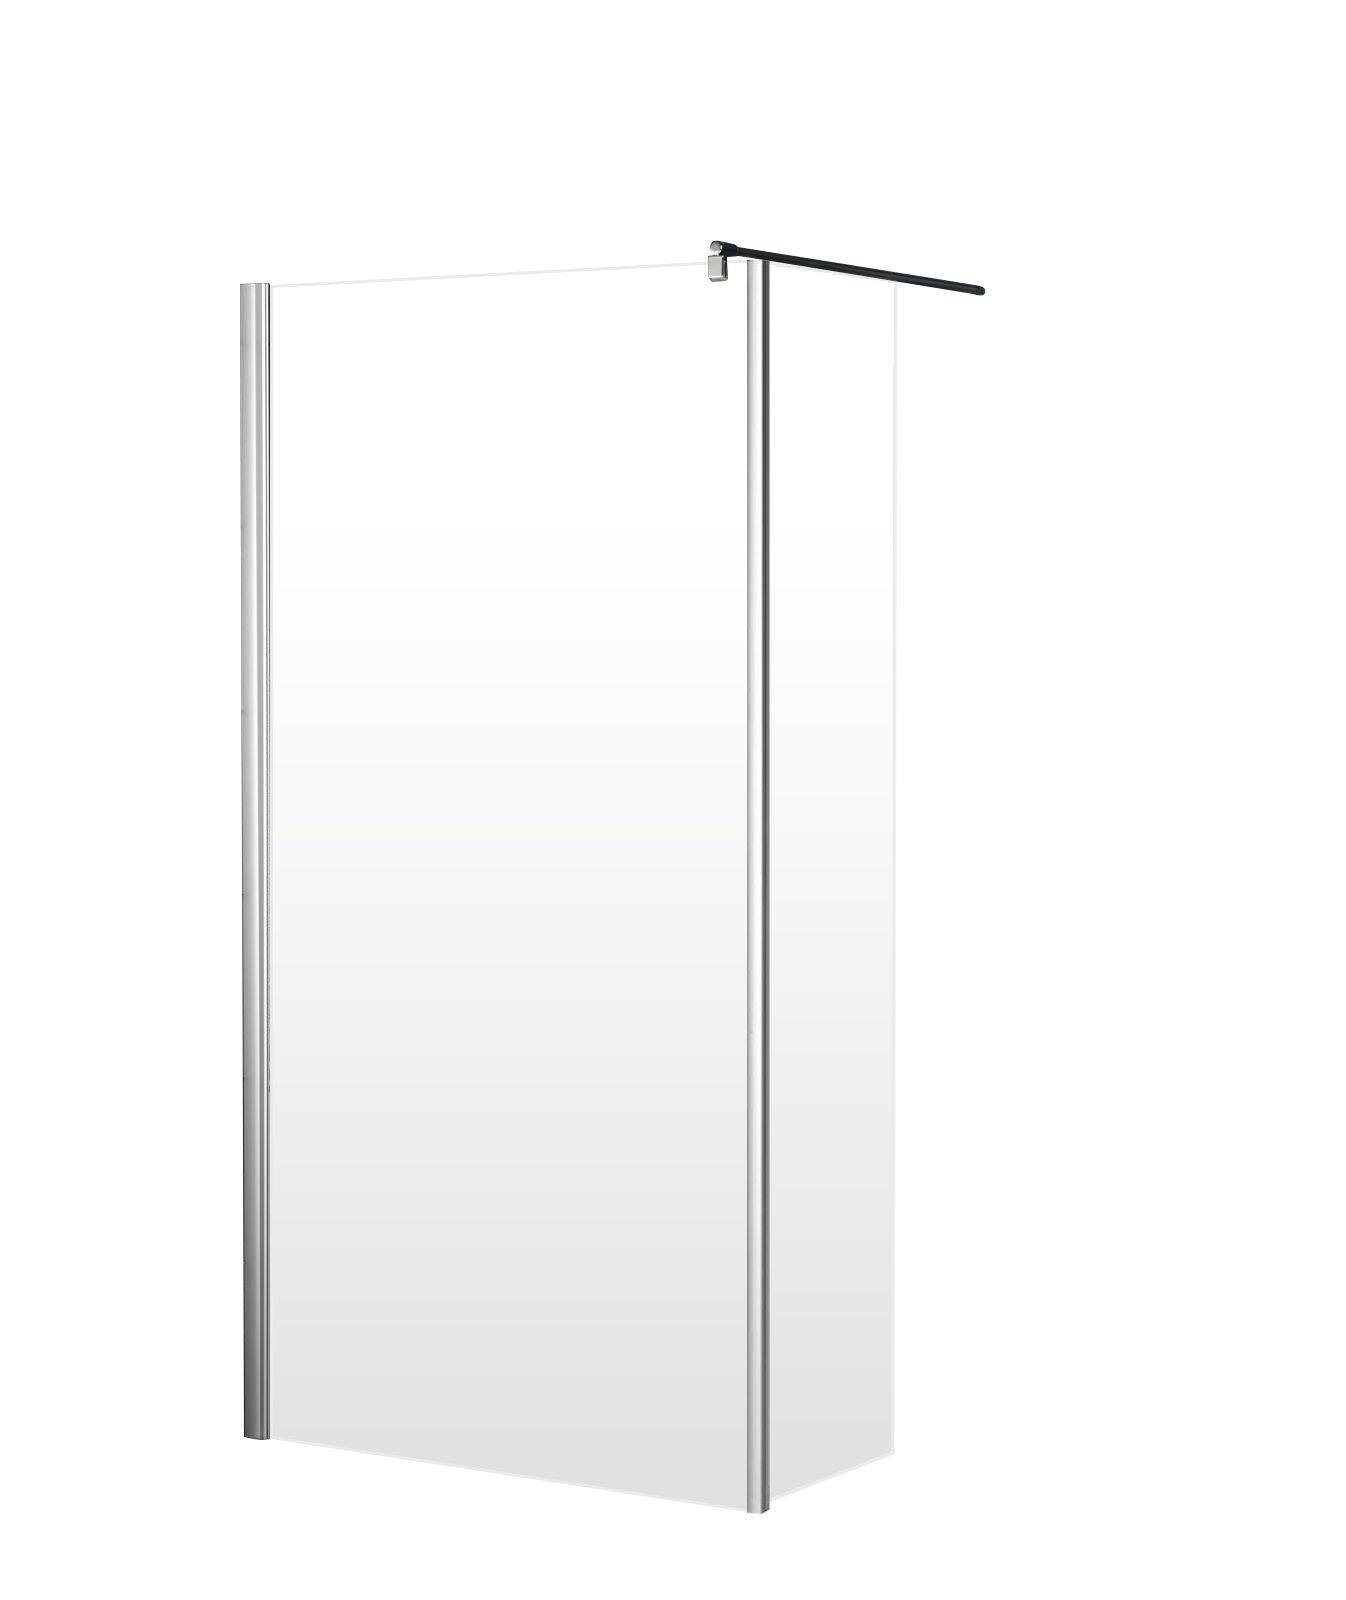 Schulte 4060991014512 mampara de ducha, transparente, 90 x 30 x ...